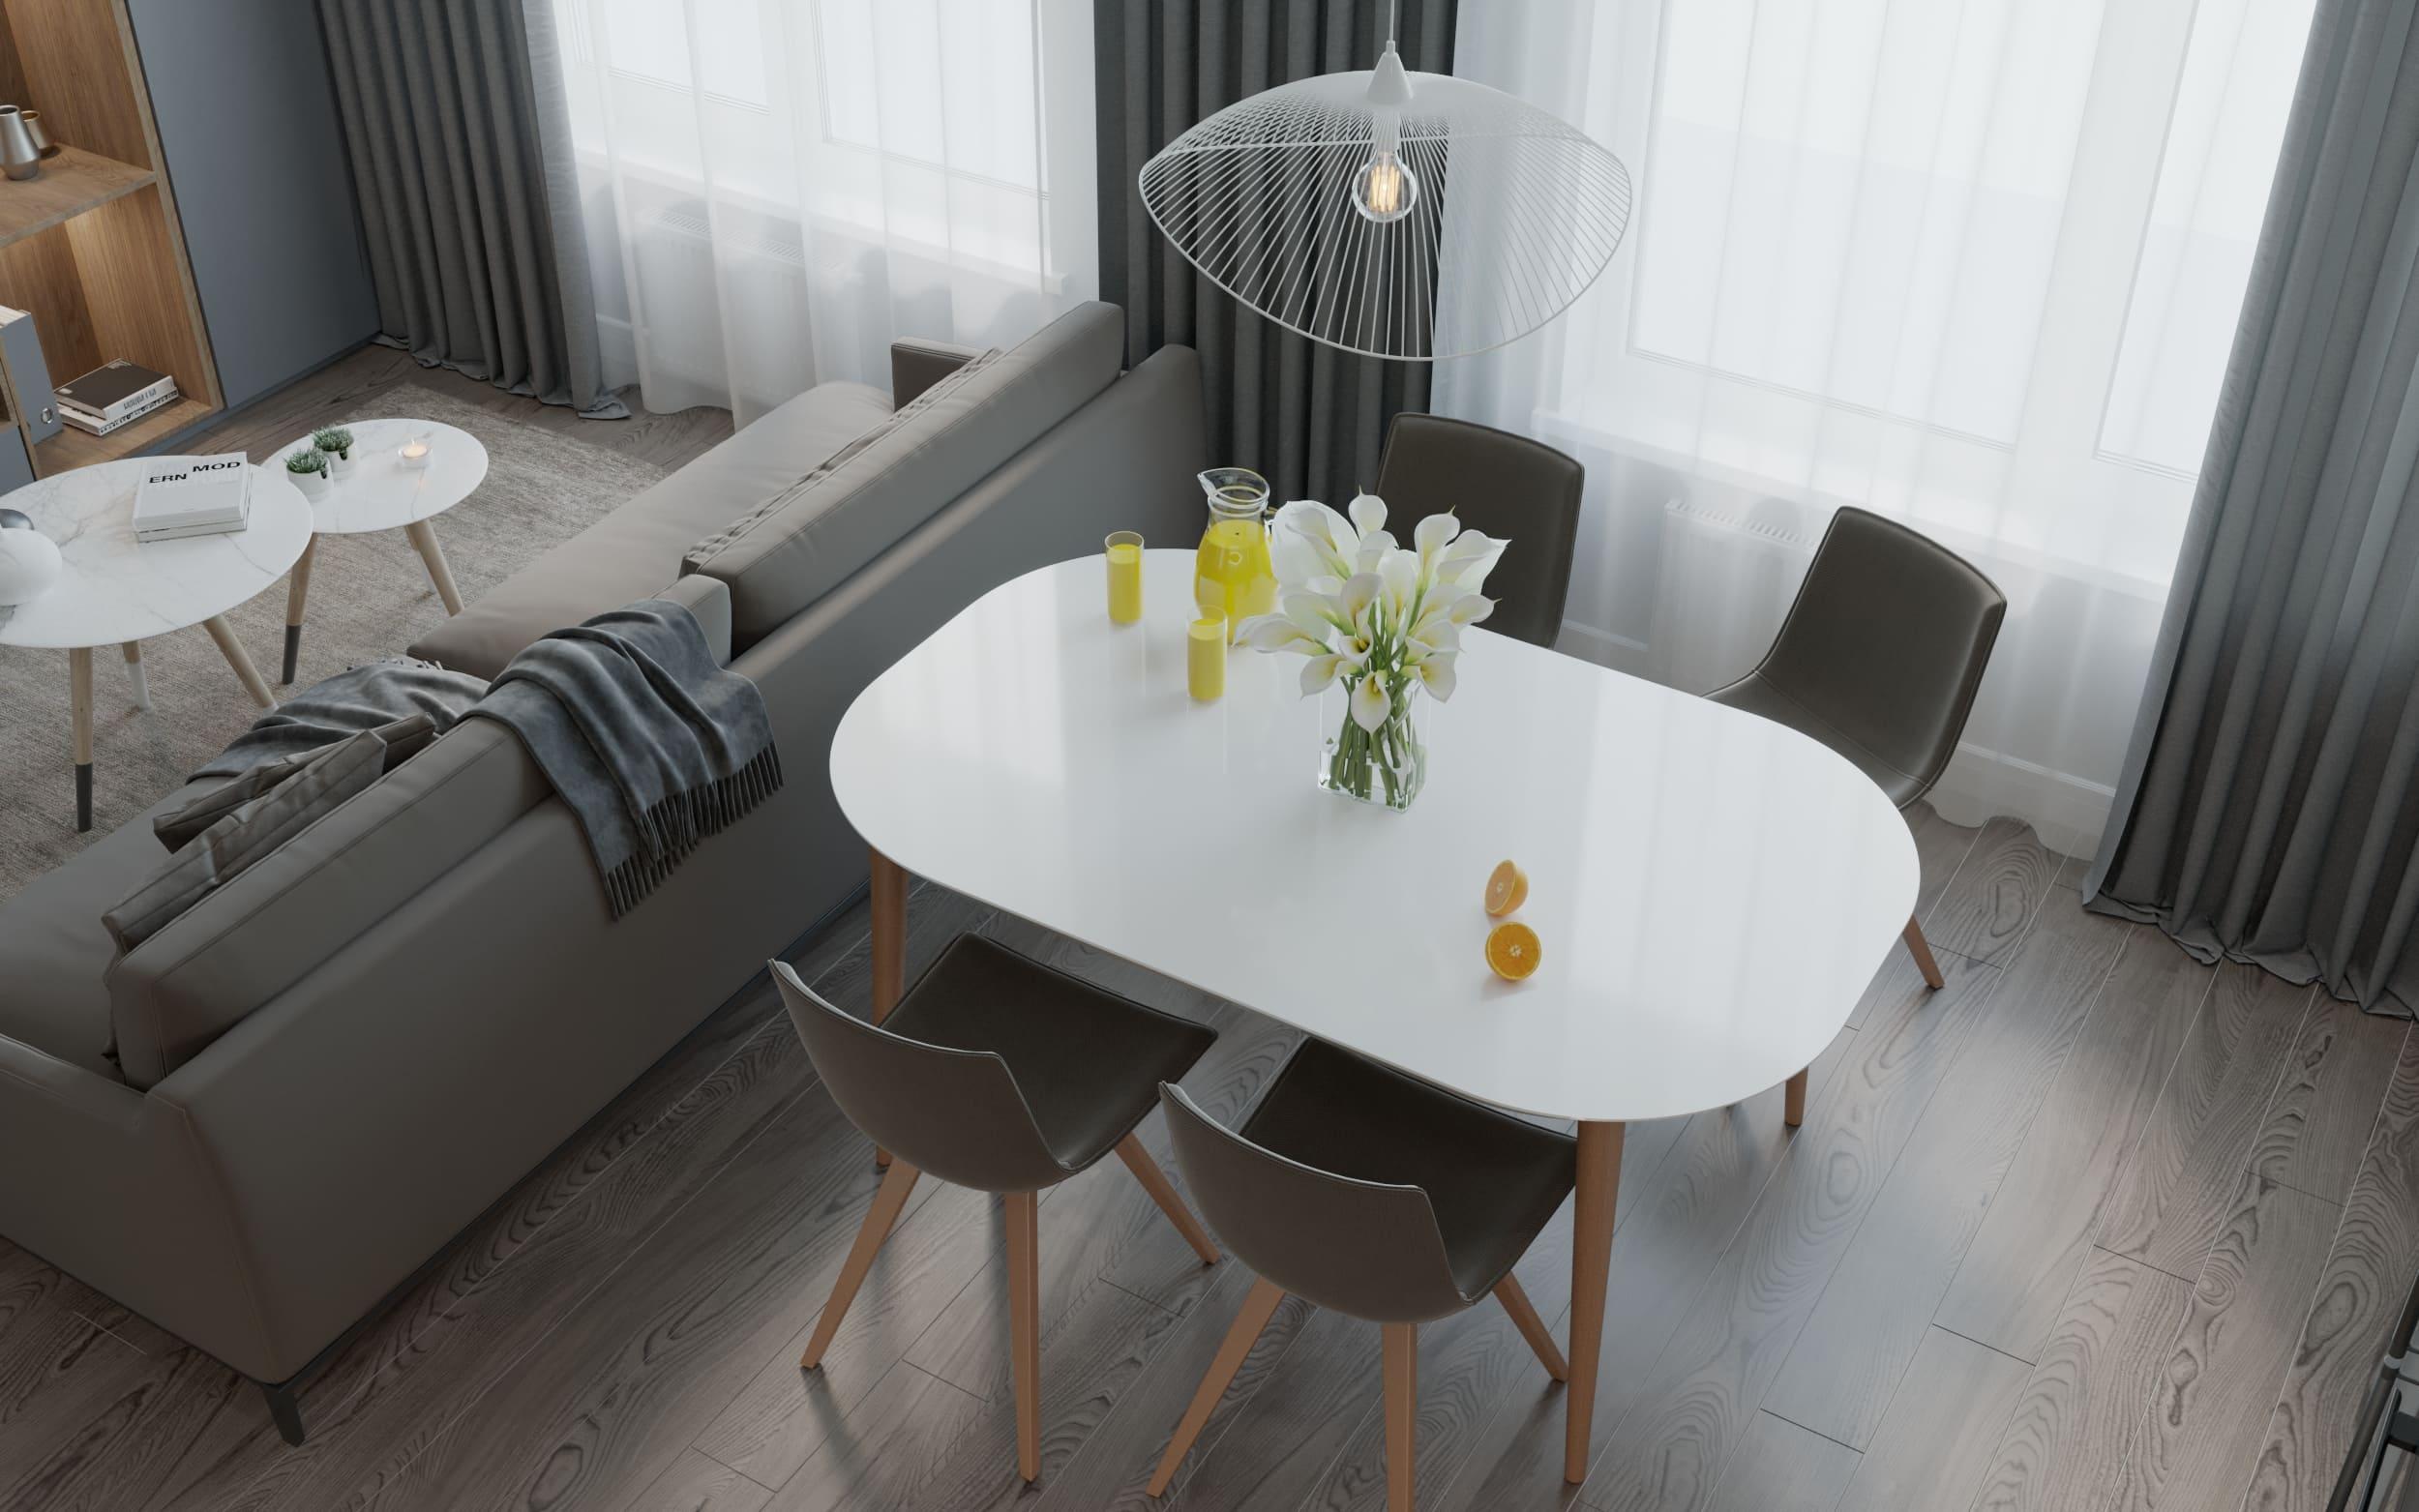 Дизайн проект в Бишкеке однокомнатной квартиры 51 квадратный метр